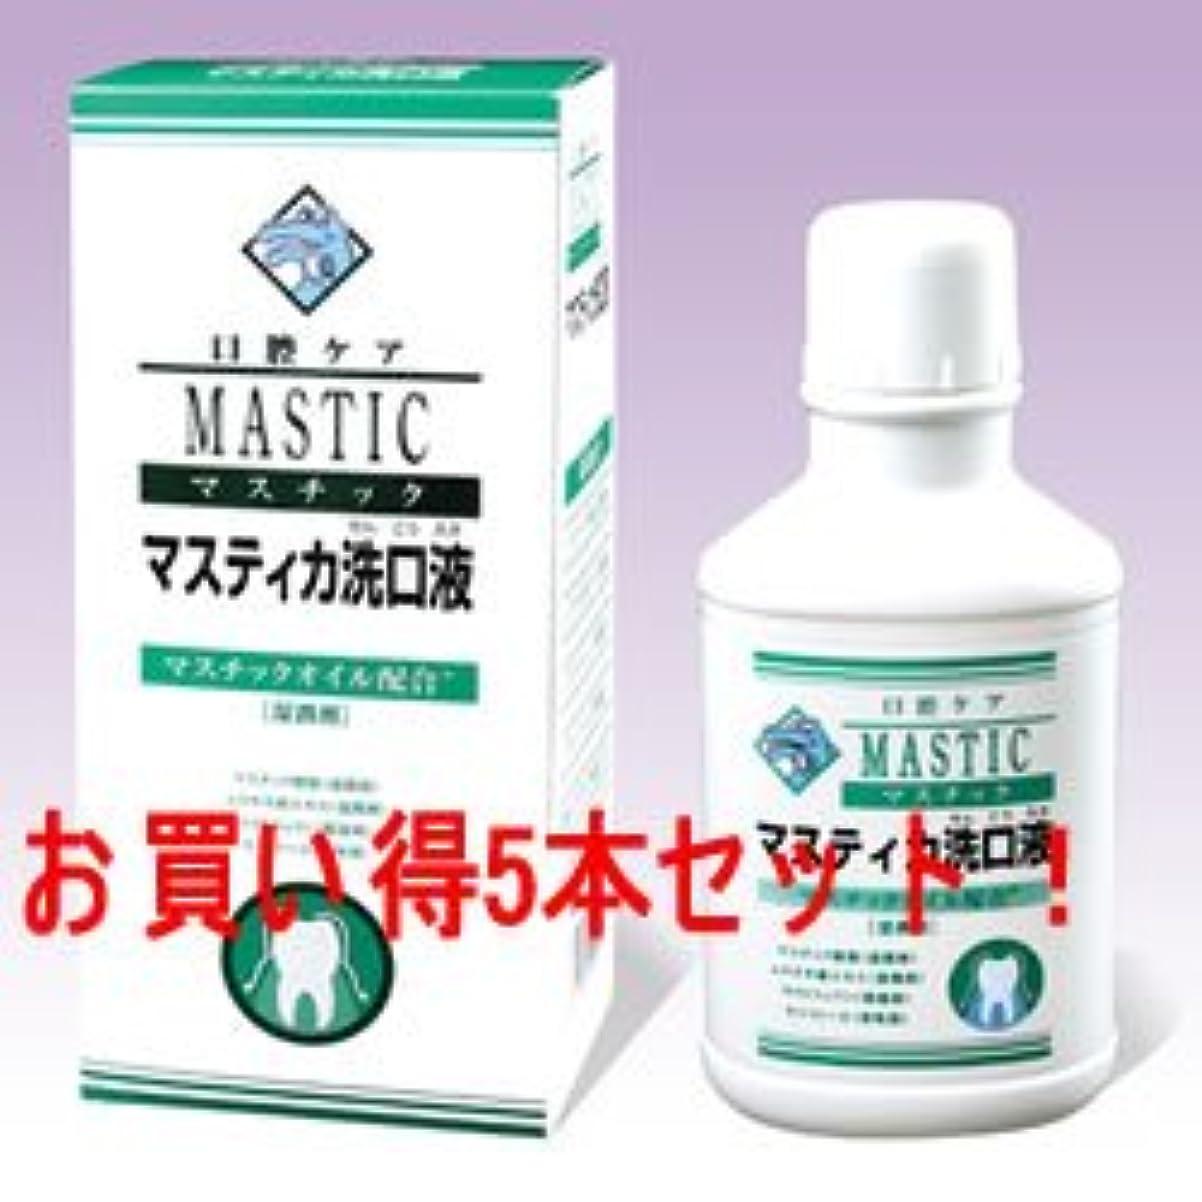 将来のネーピア反動マスチック マスティカ洗口液480ml(5本セット)